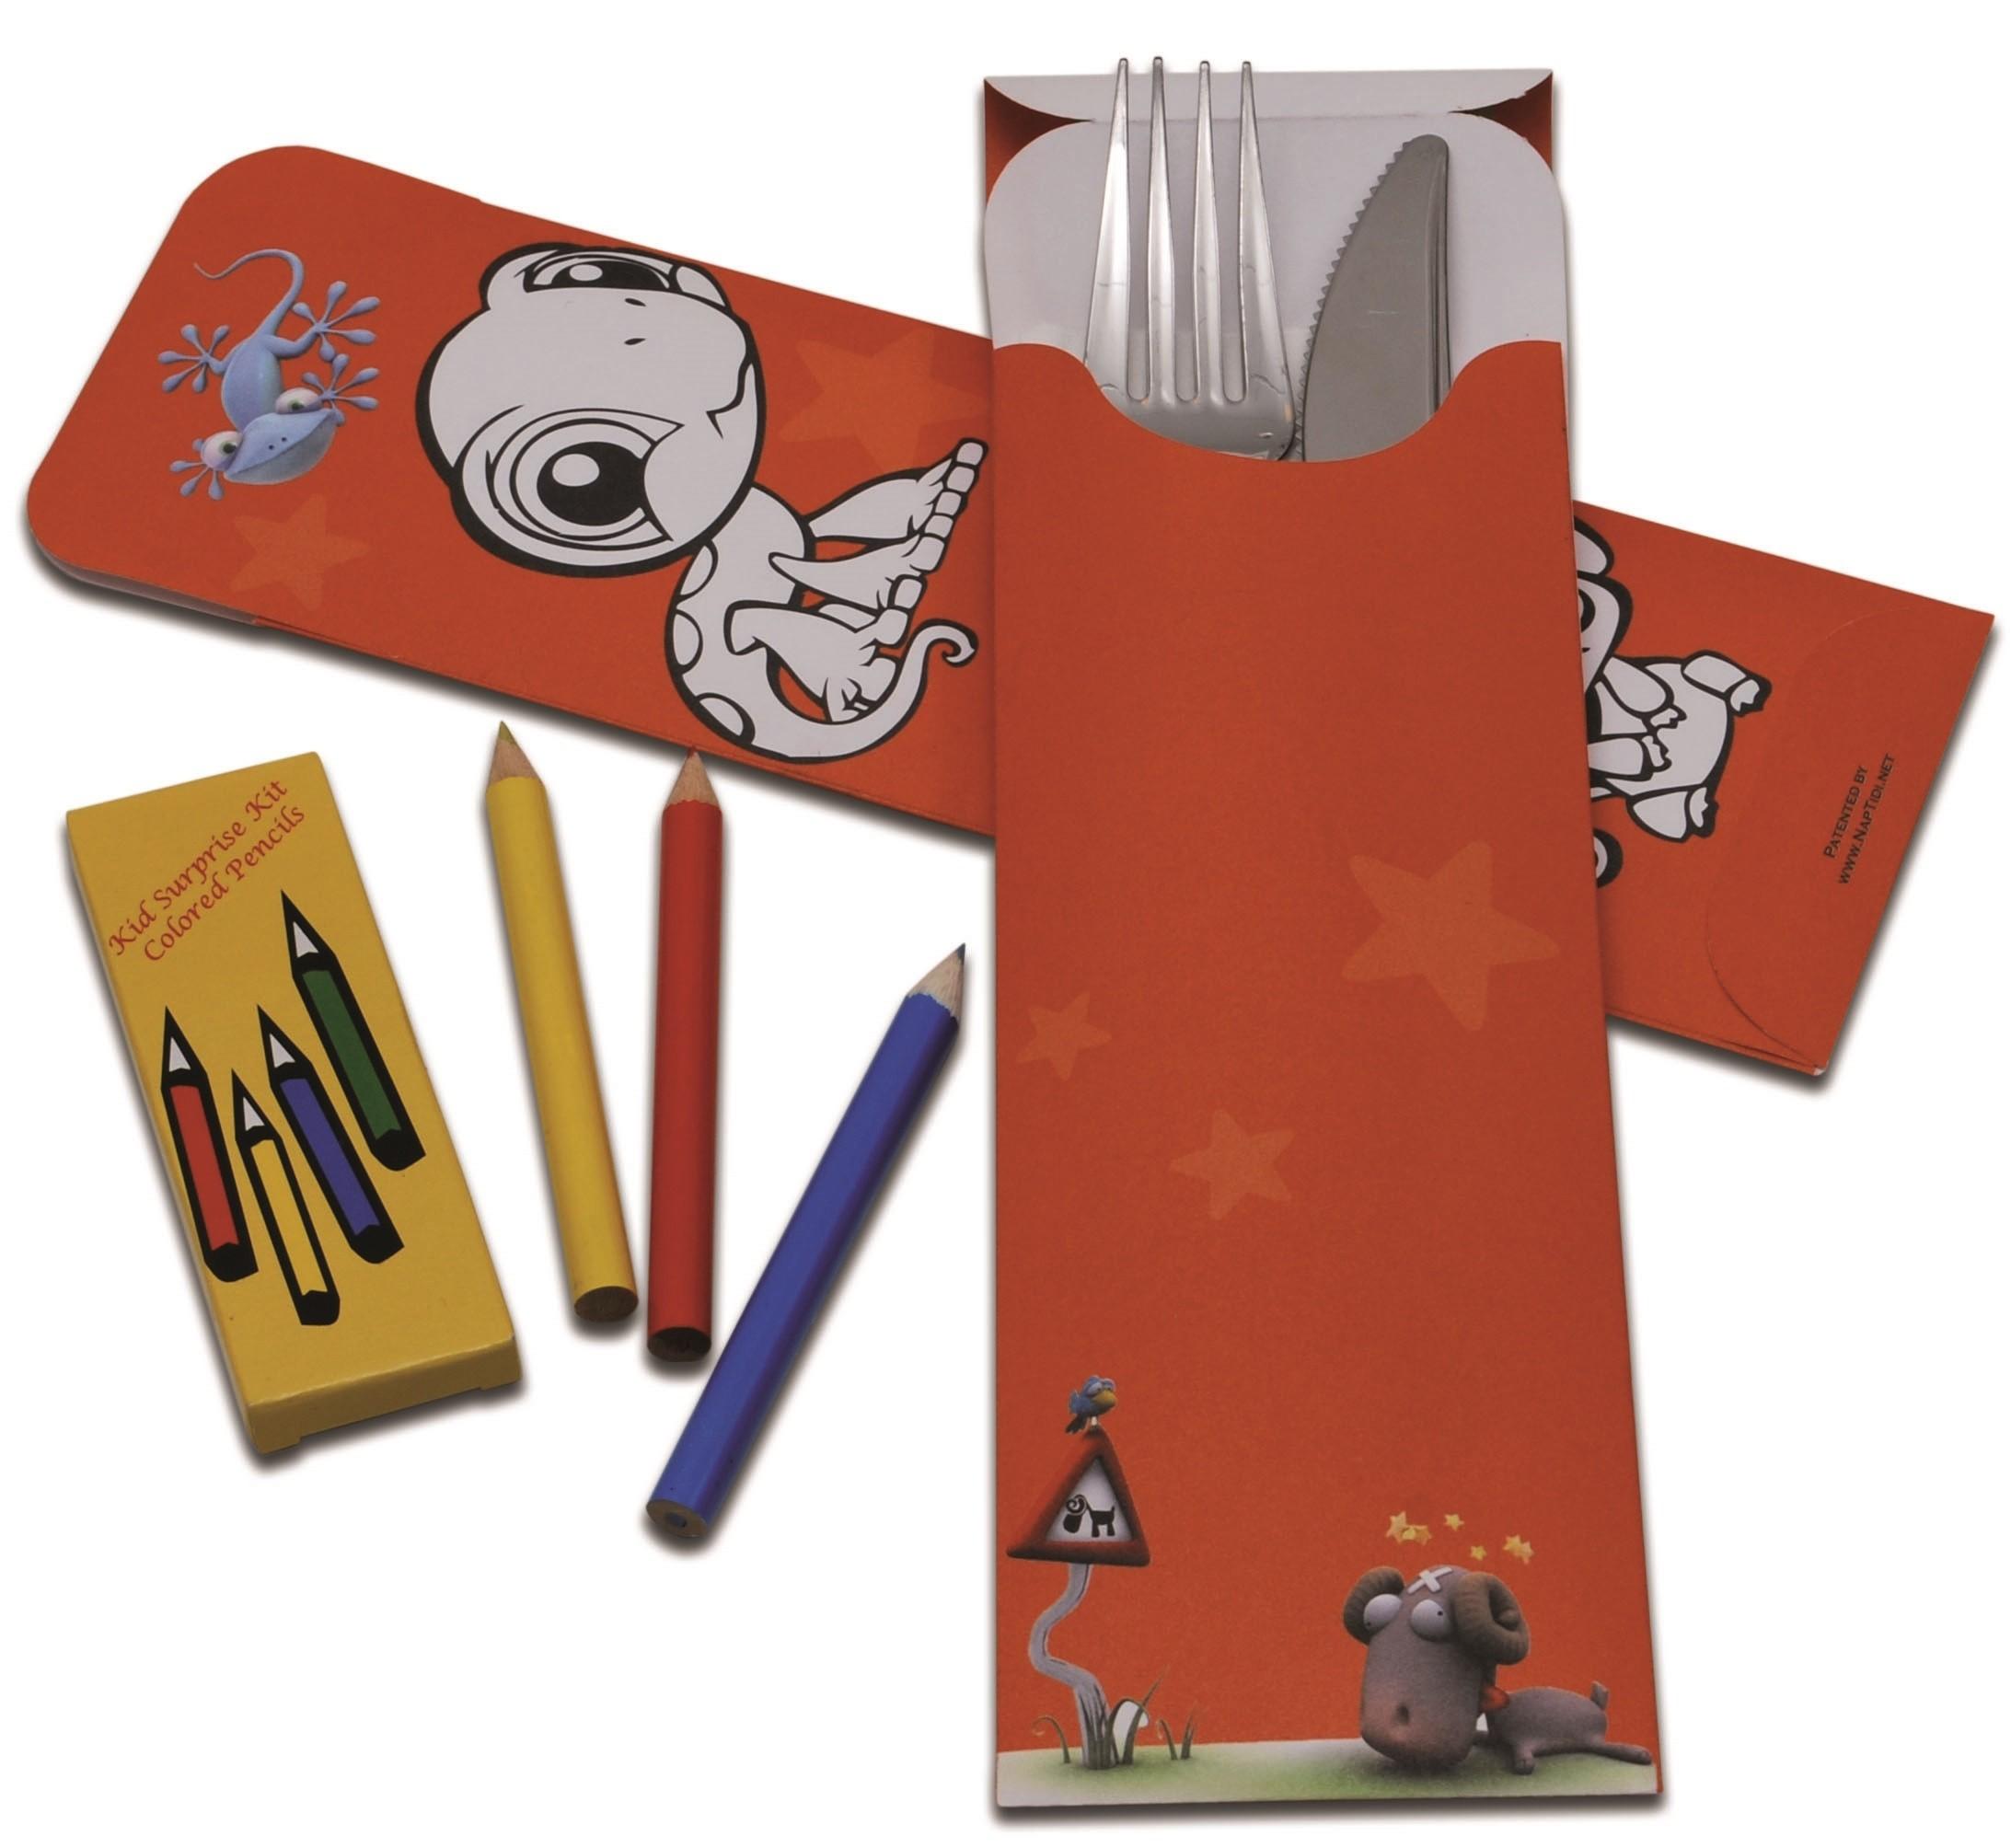 Bestekzakjes bambini rood, inhoud verpakking 600 stuks